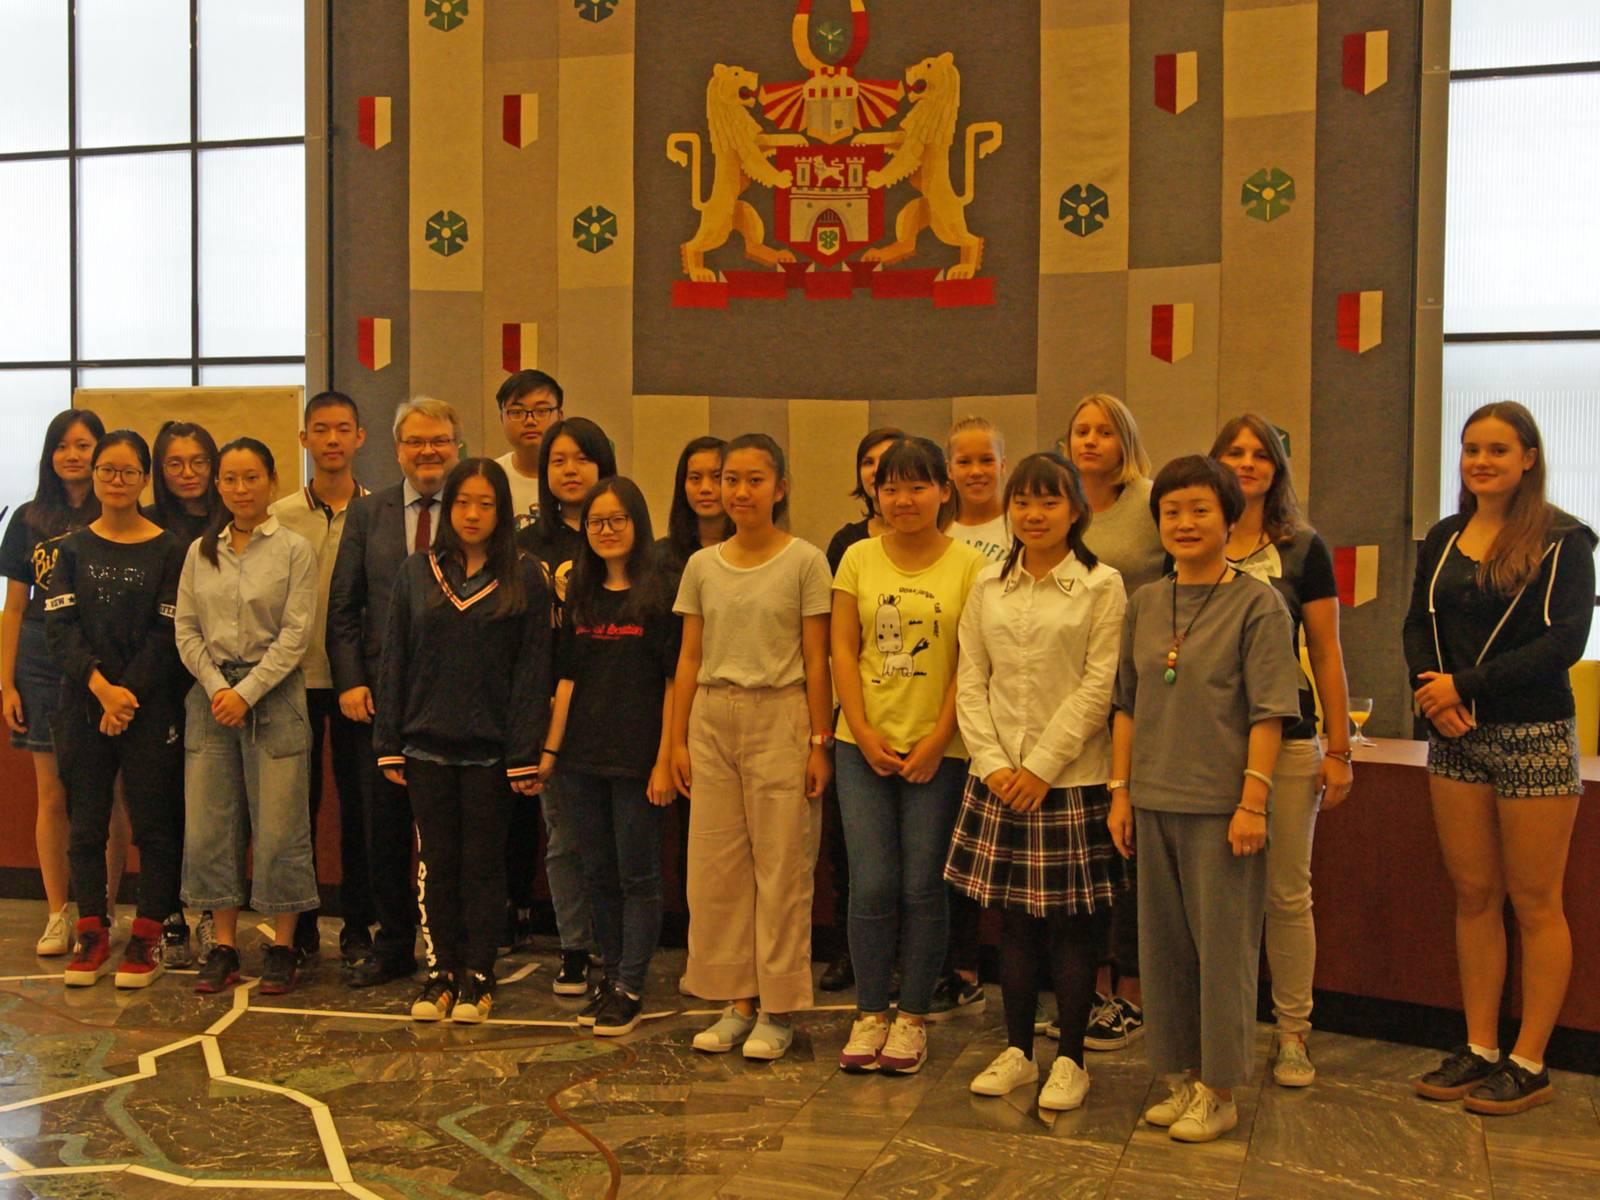 Ein Gruppenbild mit deutschen und chinesischen Jugendlichen.